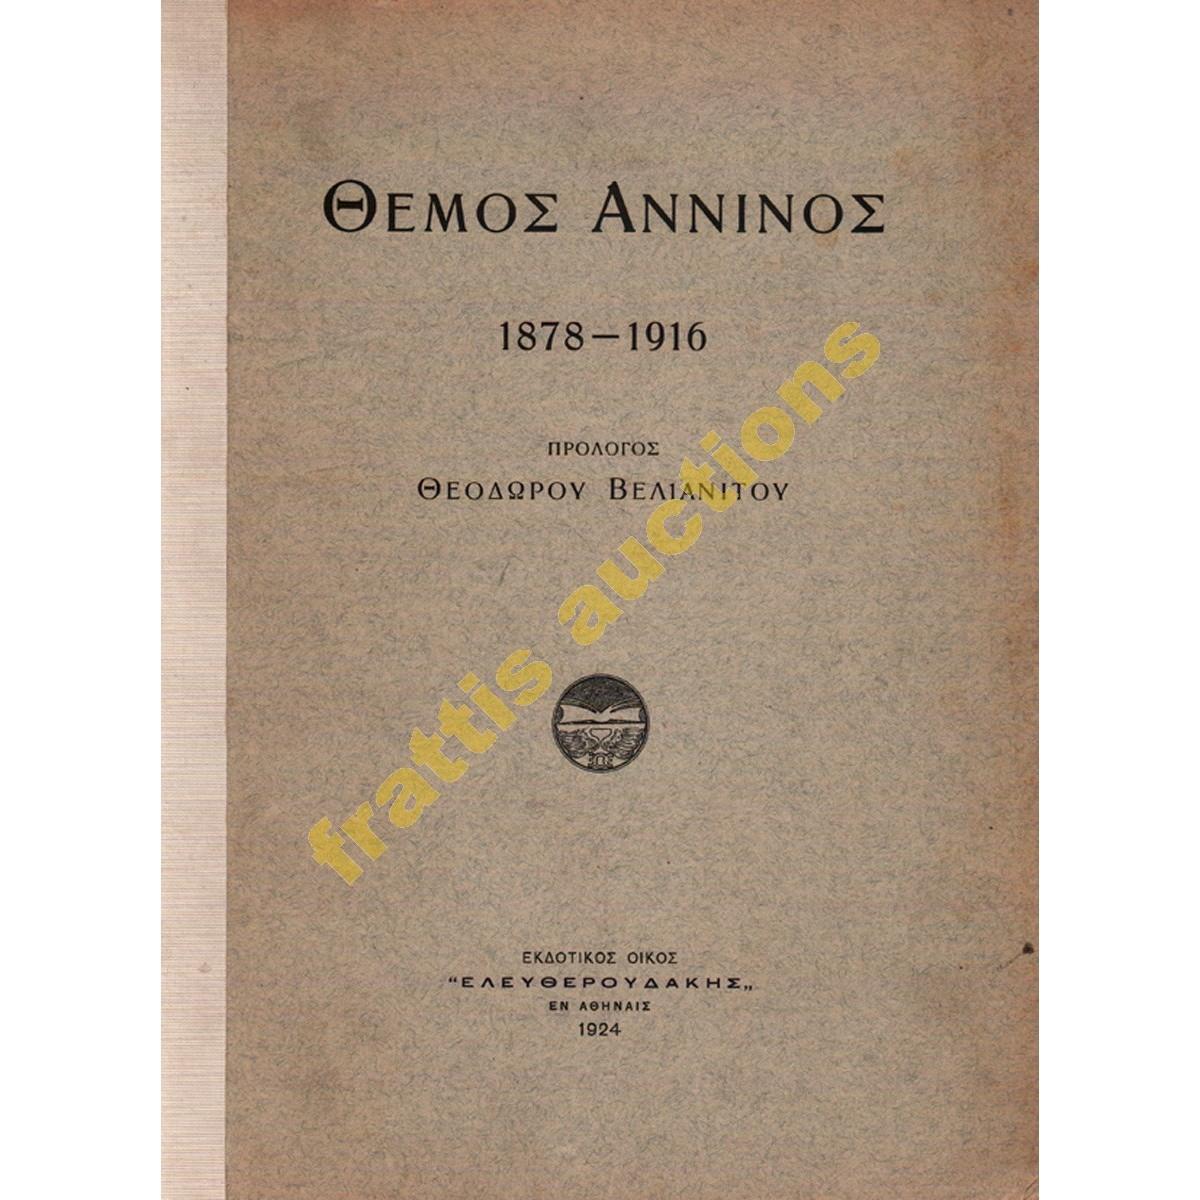 ΘΕΜΟΣ ΑΝΝΙΝΟΣ 1878-1916. Πρόλο